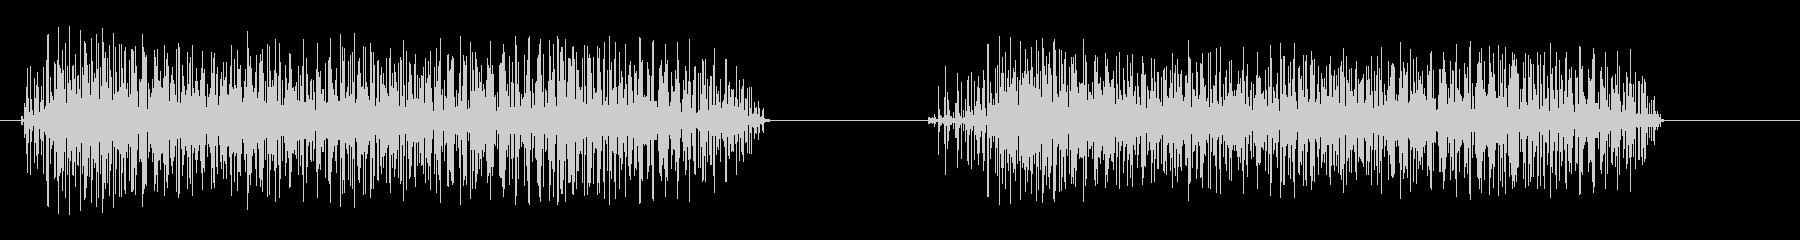 拍手の未再生の波形